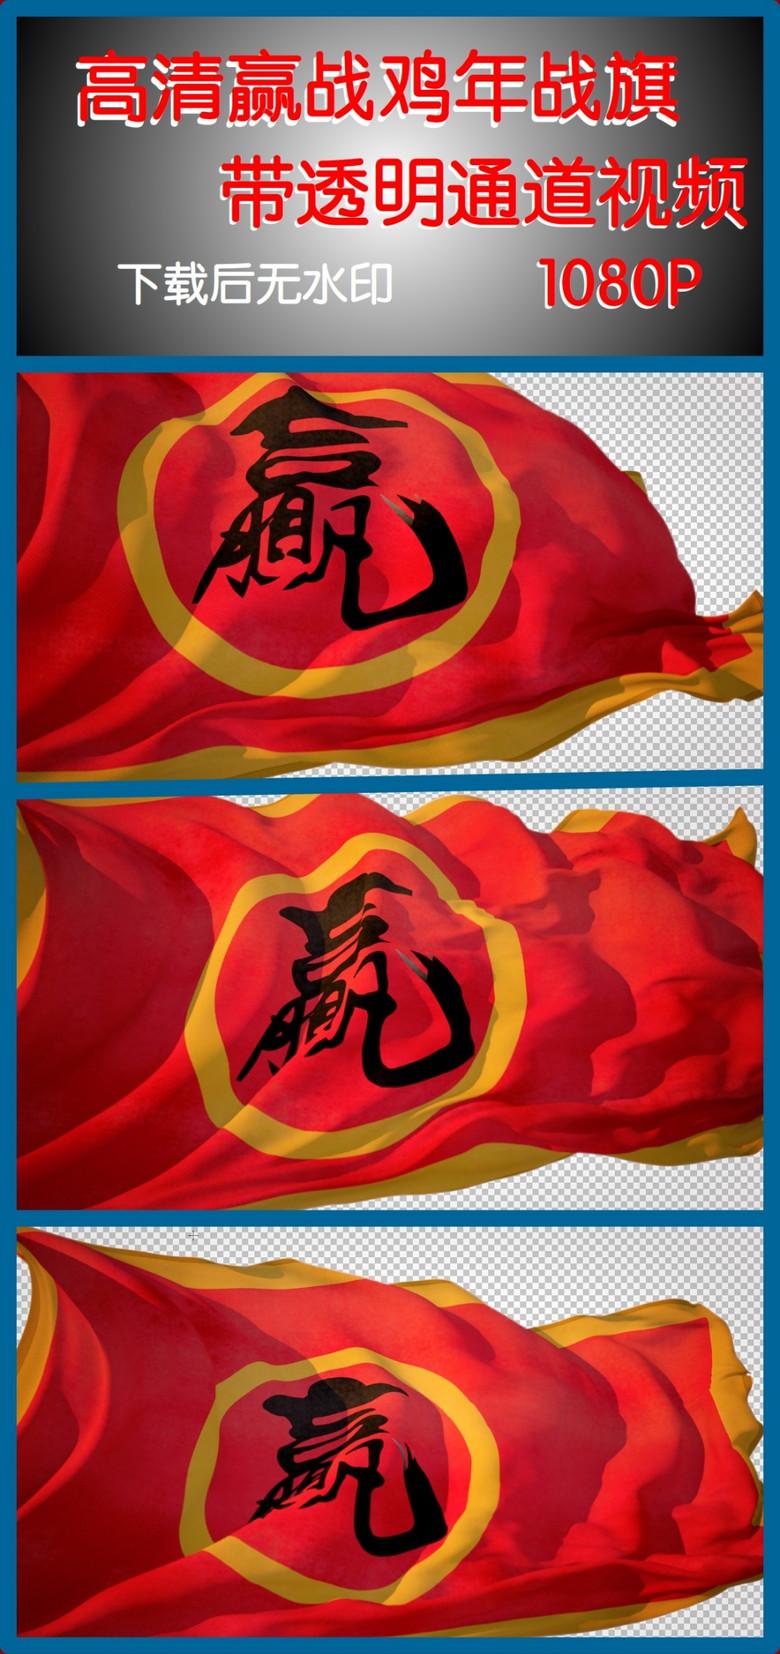 战旗电视剧mp4_高清飘扬的赢战鸡年战旗带透明通道视频模板素材_mp4